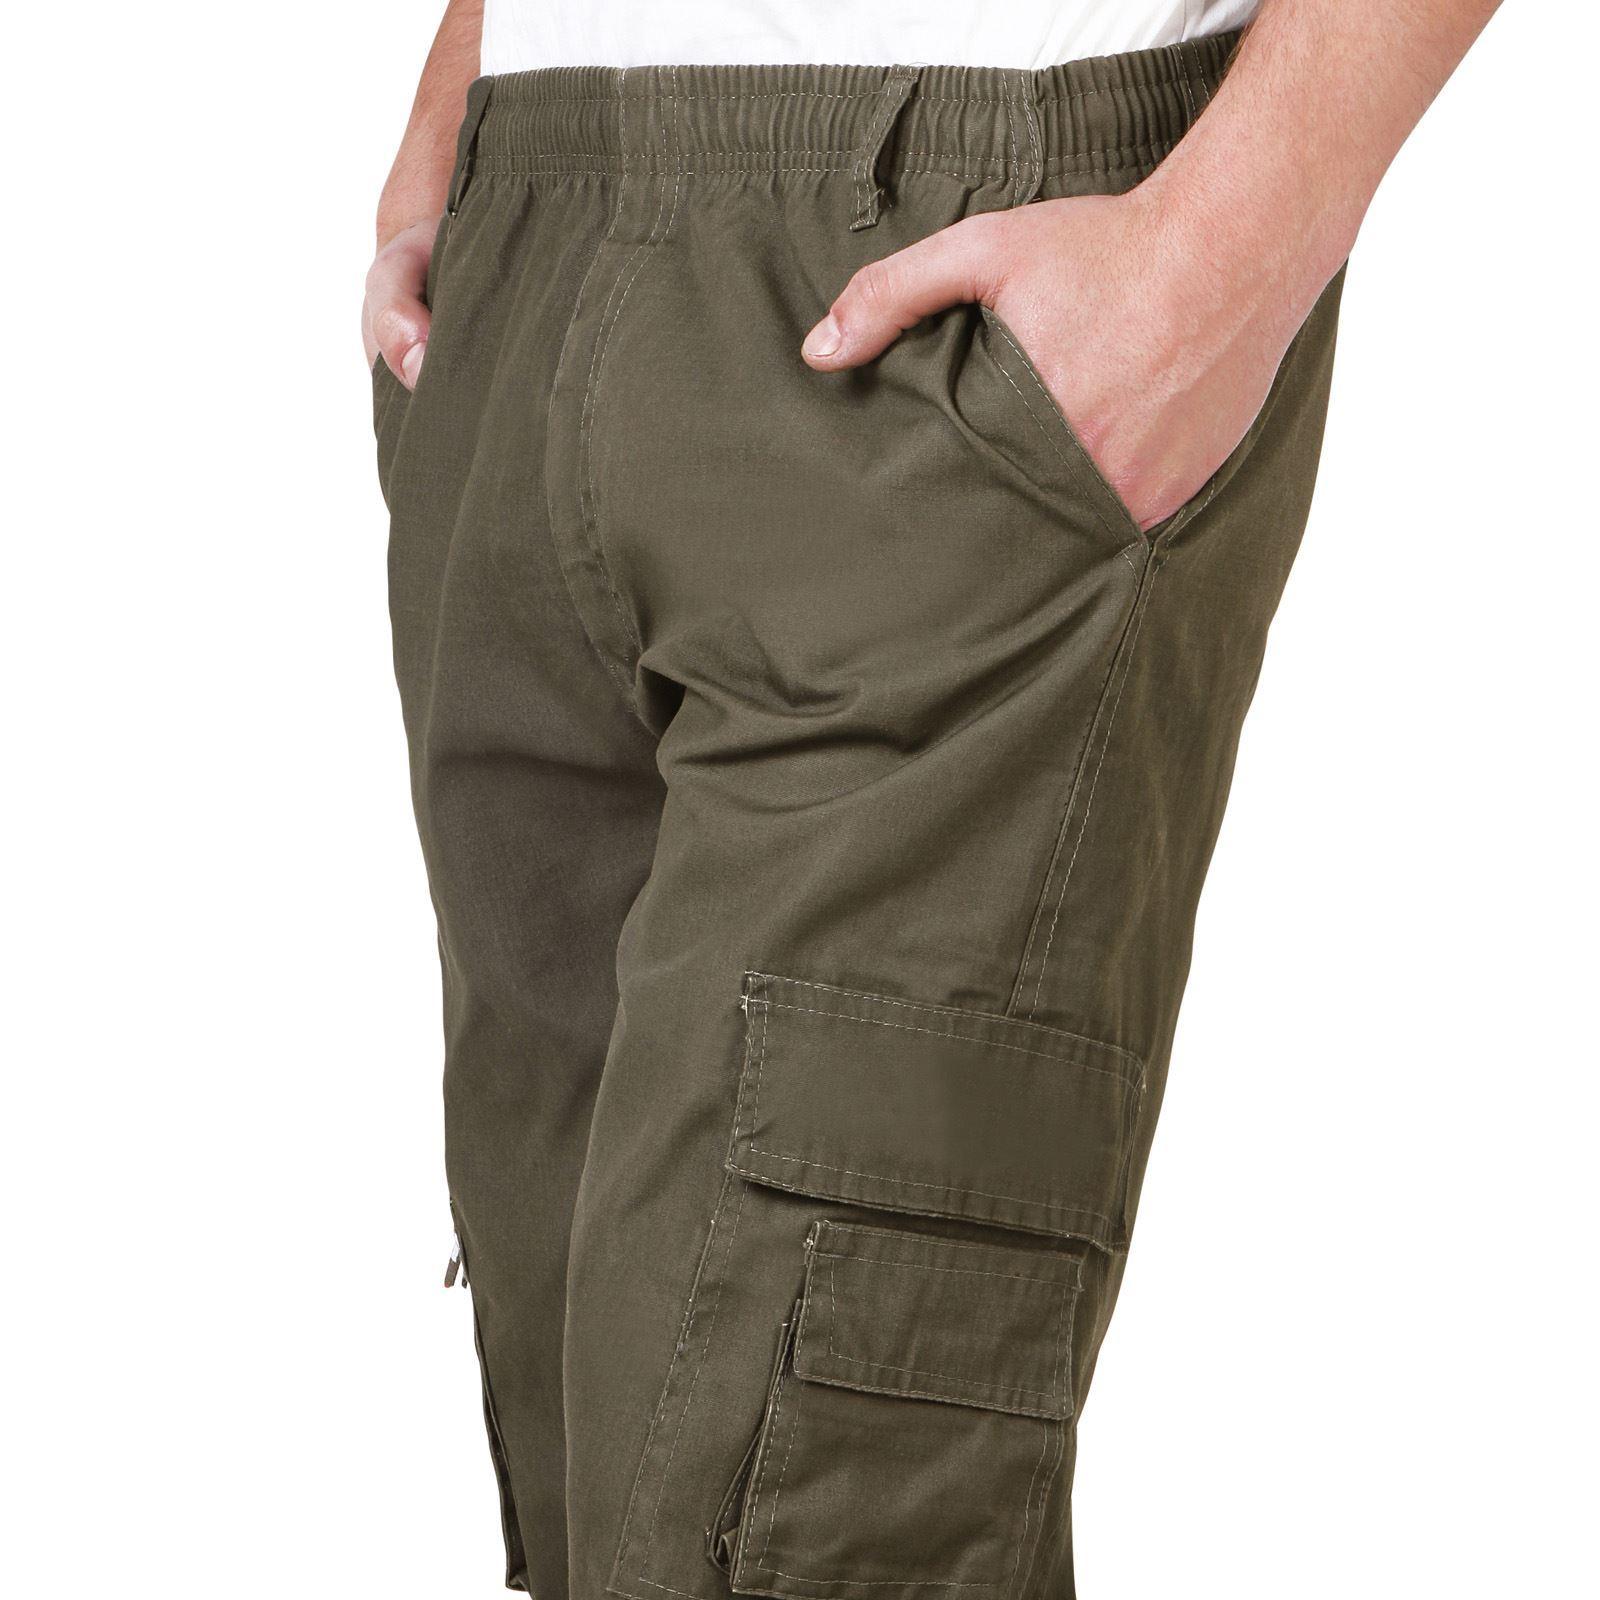 Uomo-Militare-Cargo-Pantaloni-Cotone-Lavoro-Chino-Casual-Kaki miniatura 22